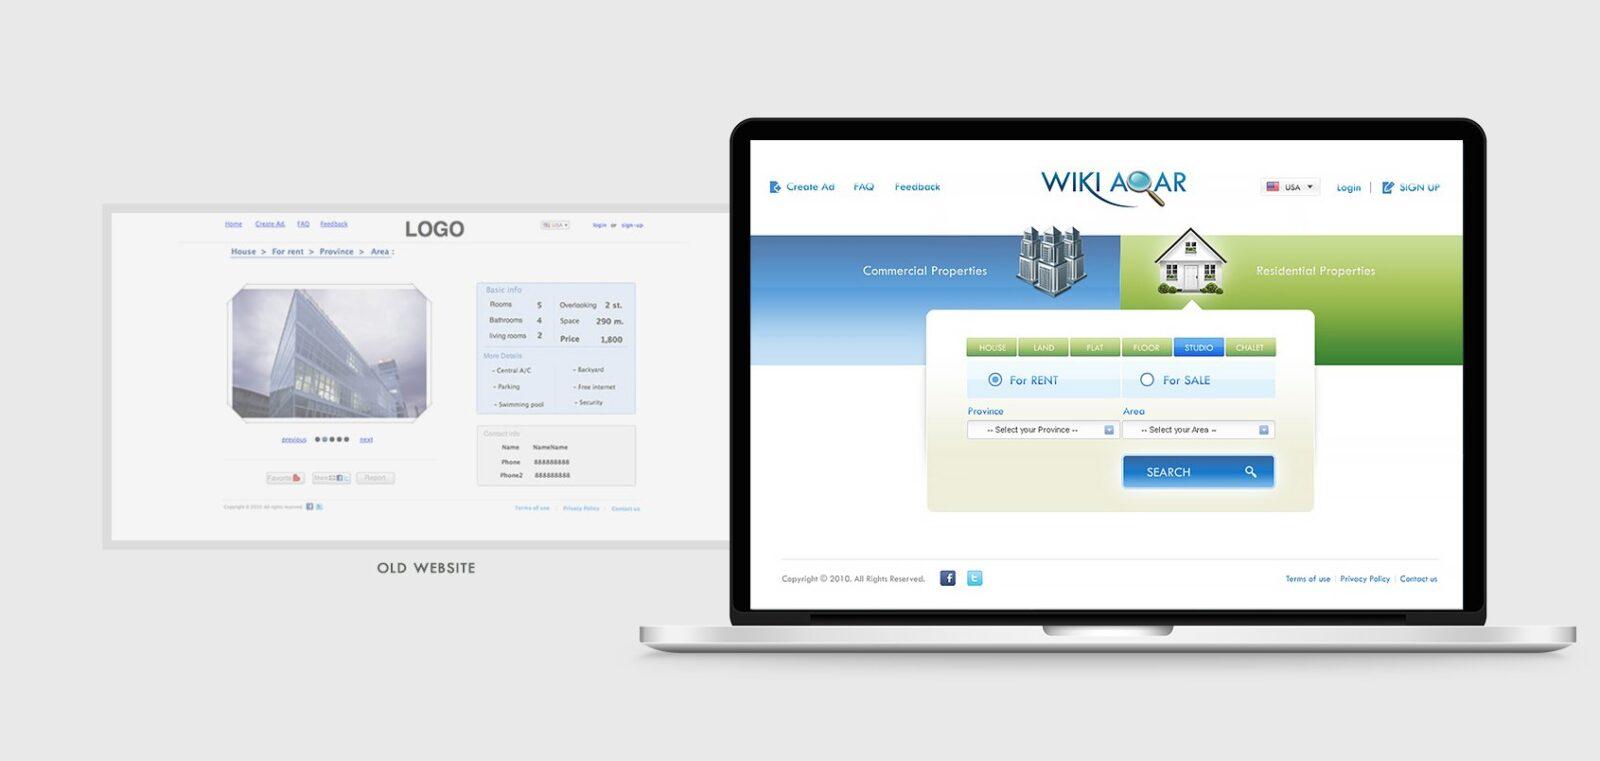 shopify website designers, best ecommerce websites 2020